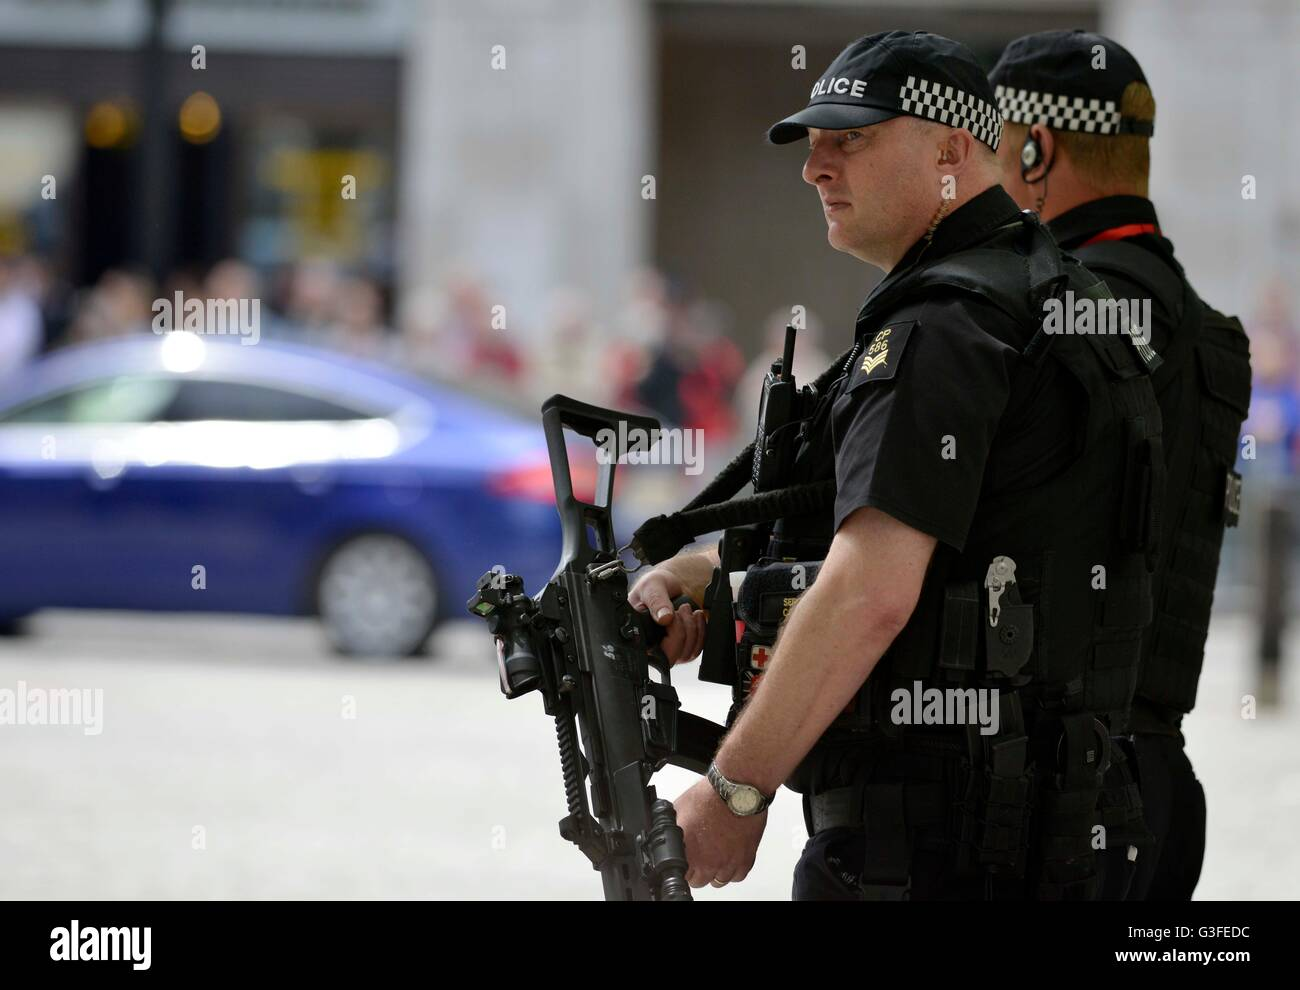 La policía armada, Londres, Inglaterra, Reino Unido Imagen De Stock